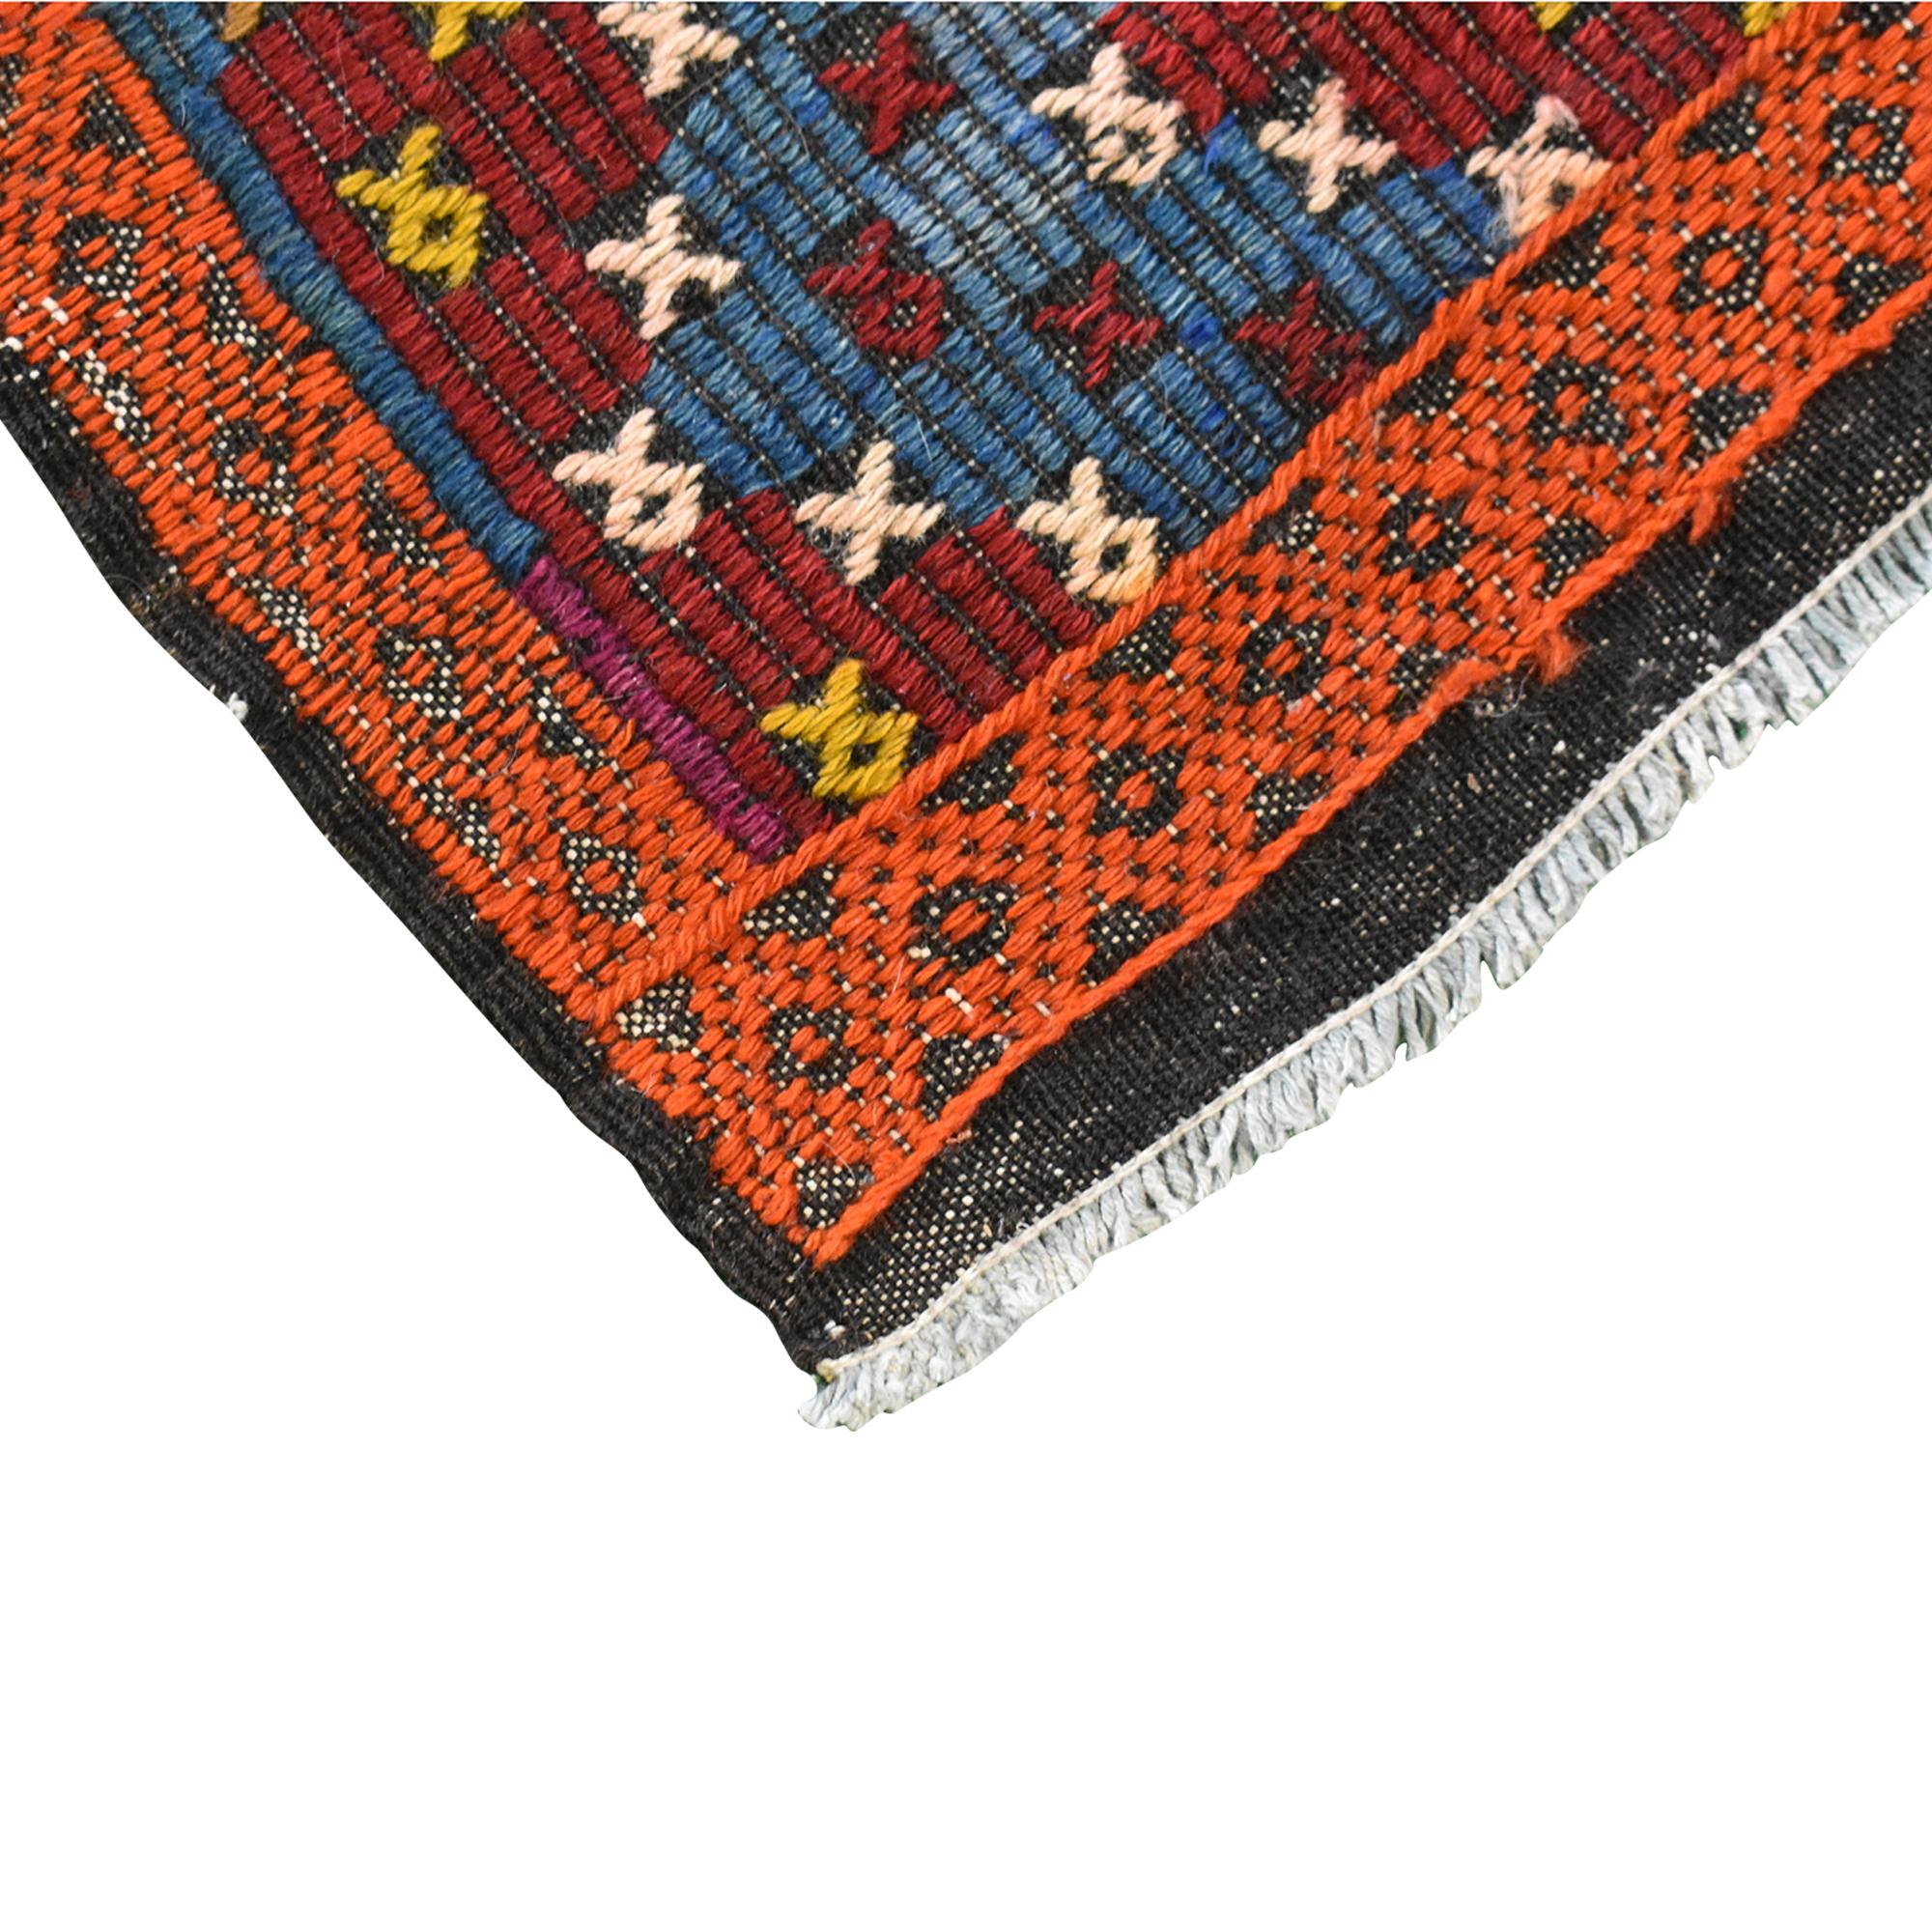 Kilim-Style Area Rug on sale